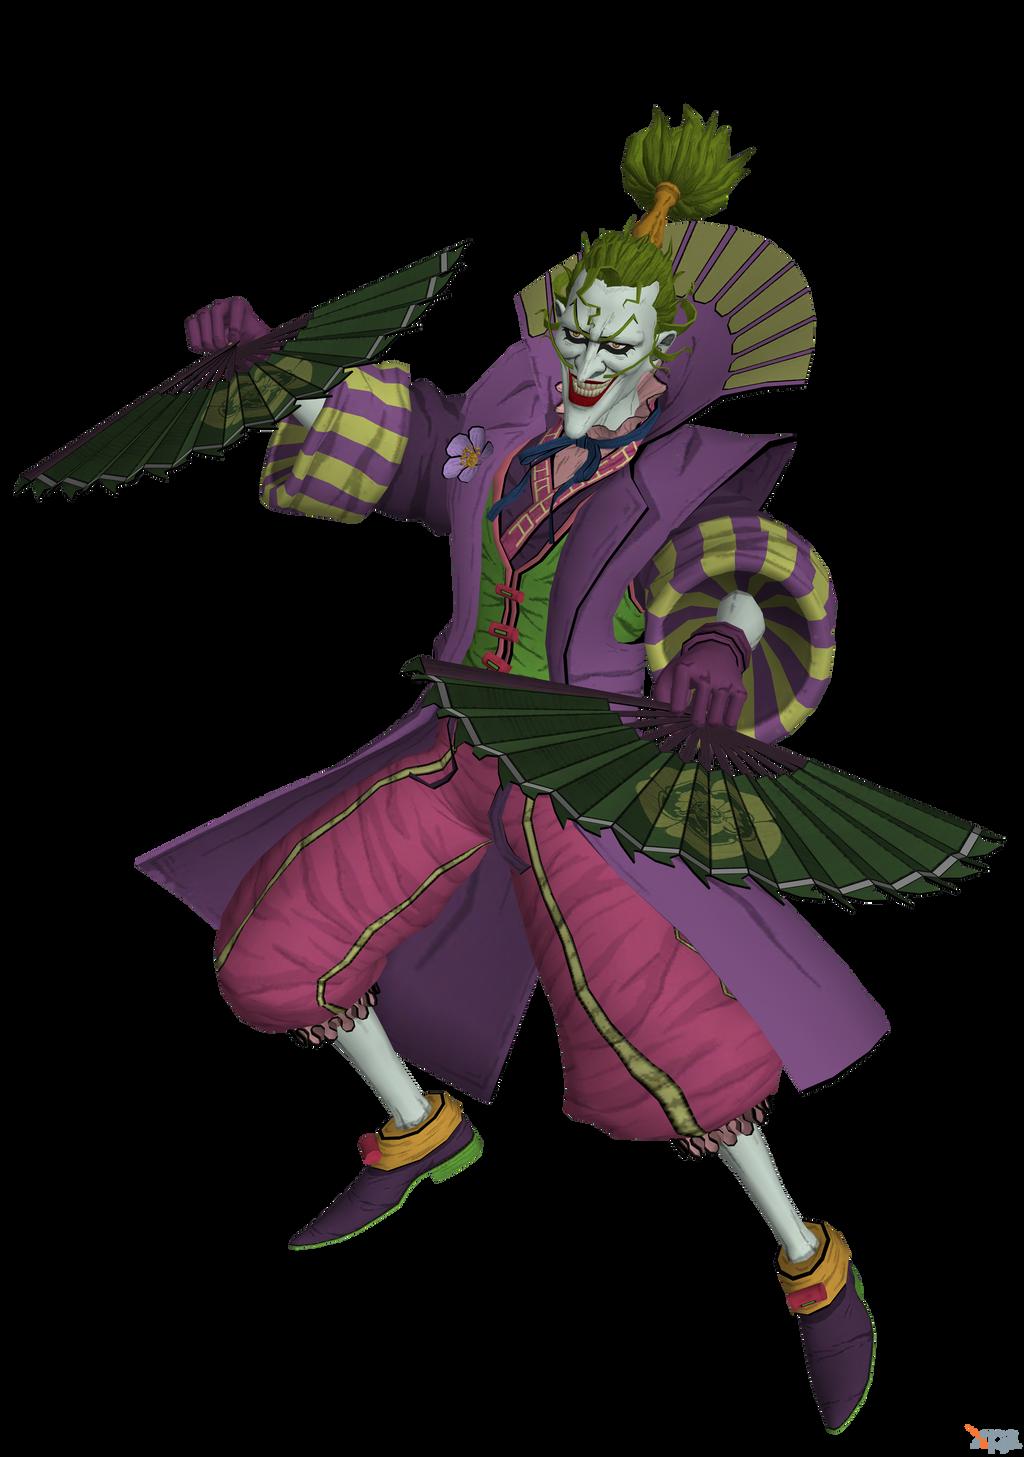 Injustice 2 Ios Batman Ninja The Joker By Kabalstein On Deviantart